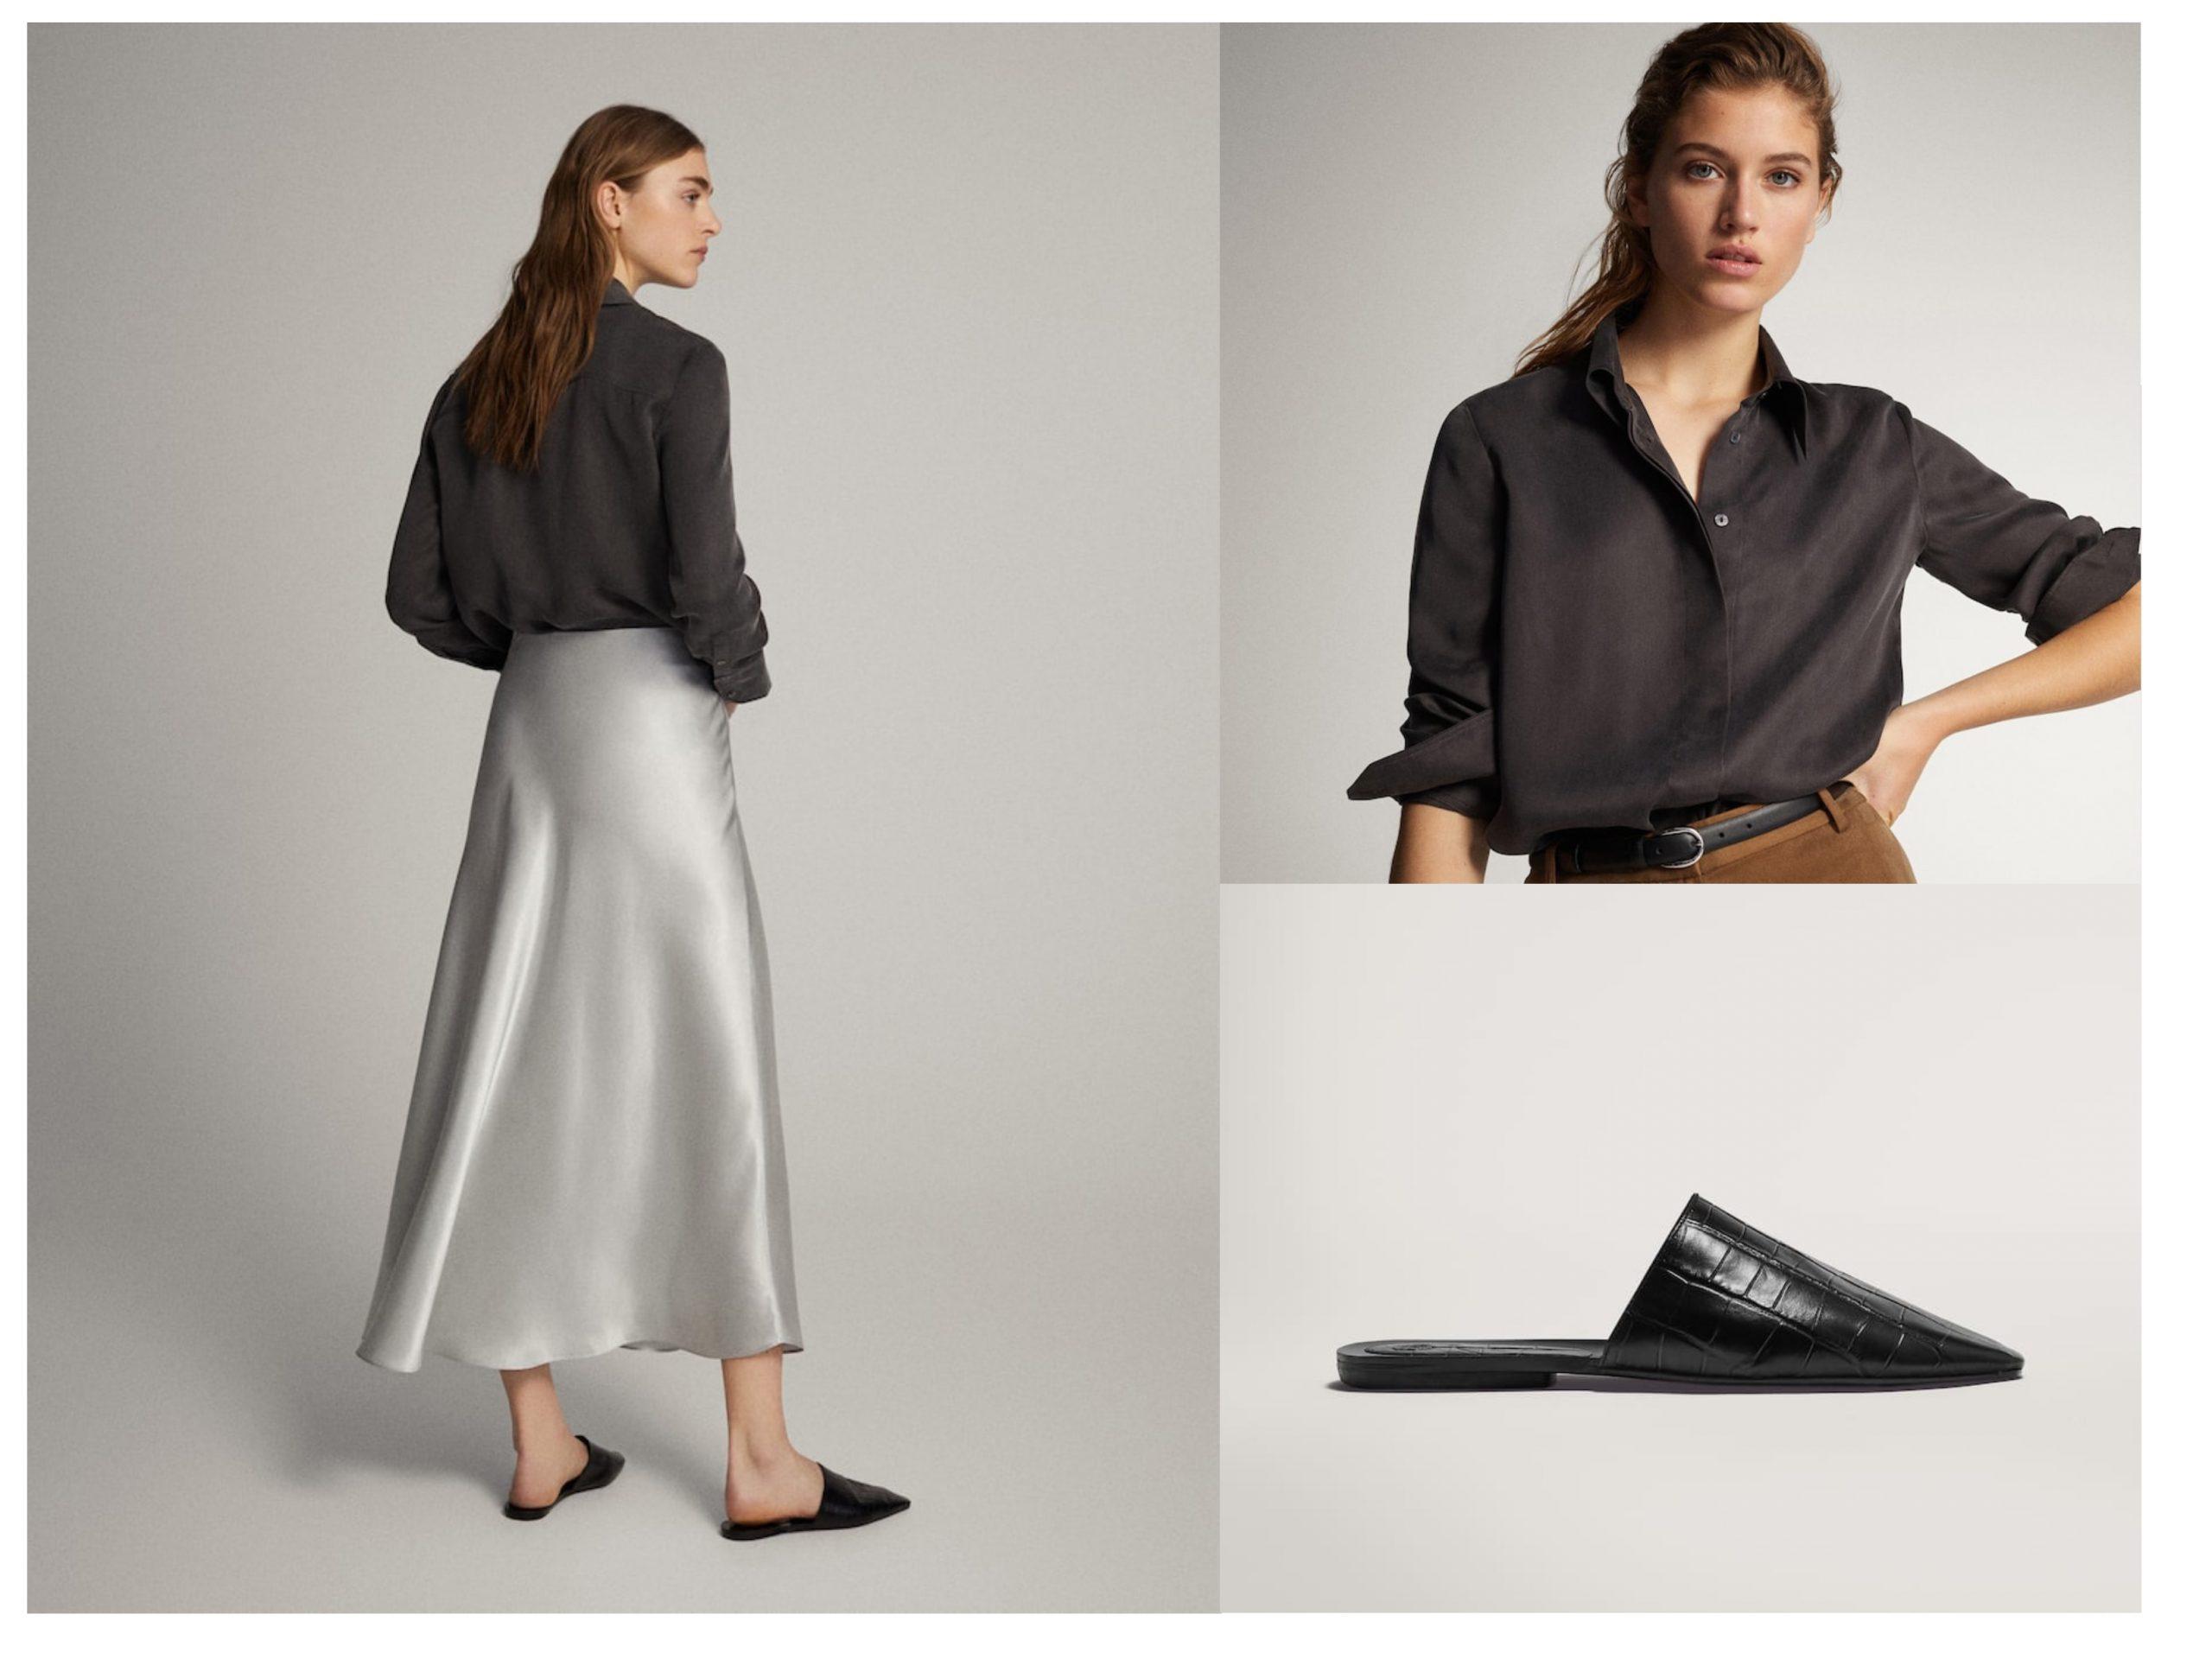 Total look de Massimo Dutti con productos rebajados, cuenta con sandalias planas, una falda color plateado y una camisa negra abotonada estilo seda.